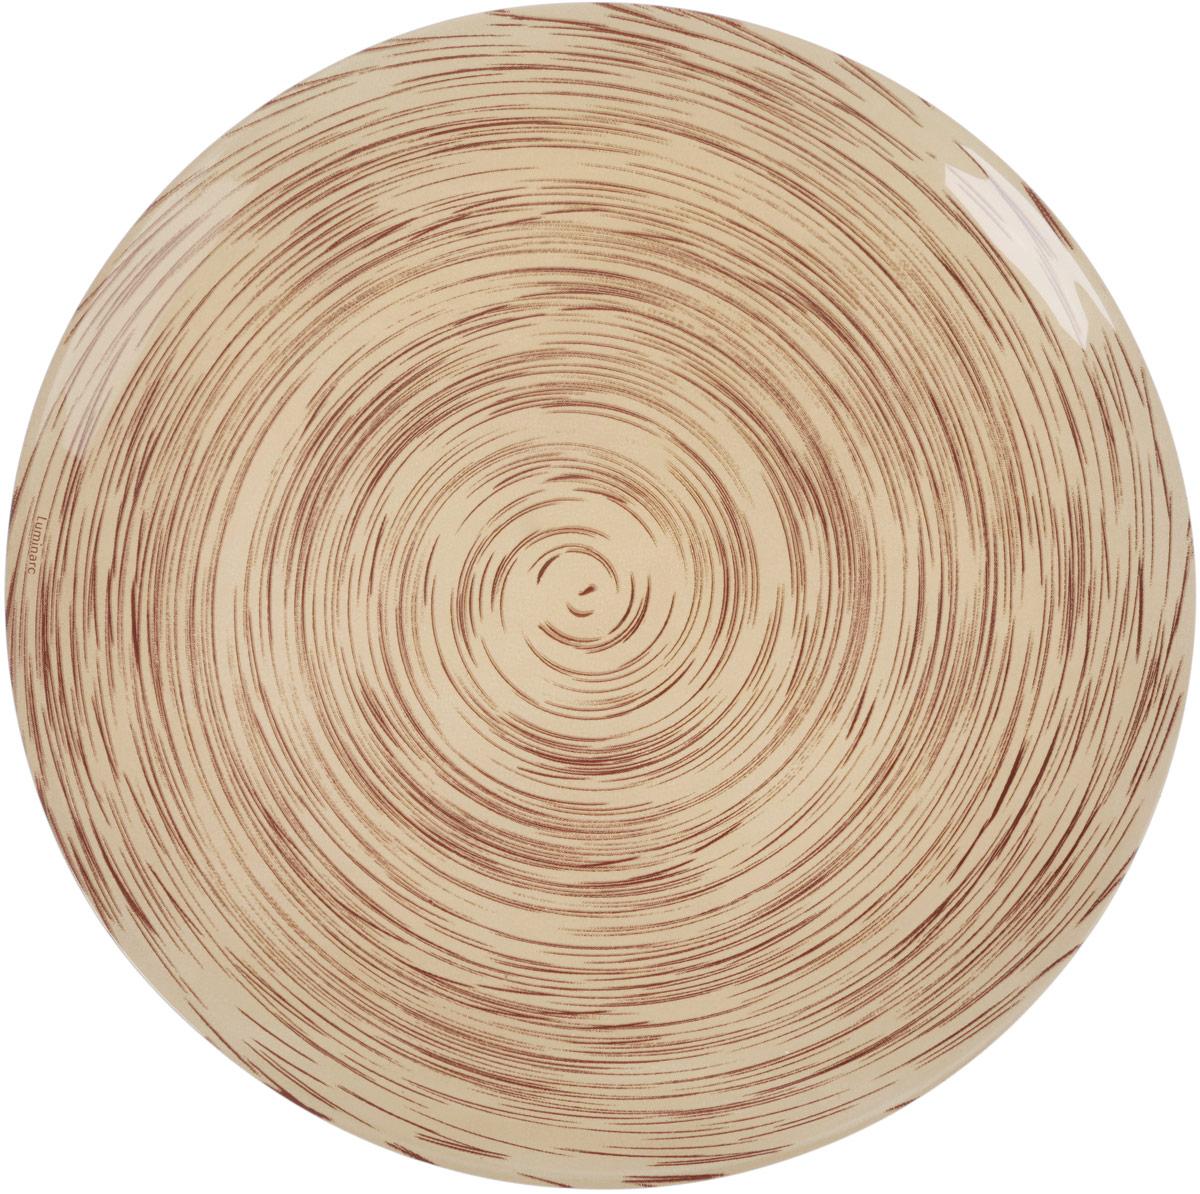 Тарелка обеденная Luminarc Stonemania, цвет: бежевый, коричневый, диаметр 25 смJ1759Обеденная тарелка Luminarc Stonemania,изготовленная из высококачественного стекла, имеетизысканный внешний вид.Такая тарелка прекрасно подходит как дляторжественных случаев, так и для повседневногоиспользования.Идеальна для подачи десертов, пирожных, тортов имногого другого. Она прекрасно оформит стол и станетотличным дополнением к вашей коллекции кухоннойпосуды.Можно мыть в посудомоечной машине.